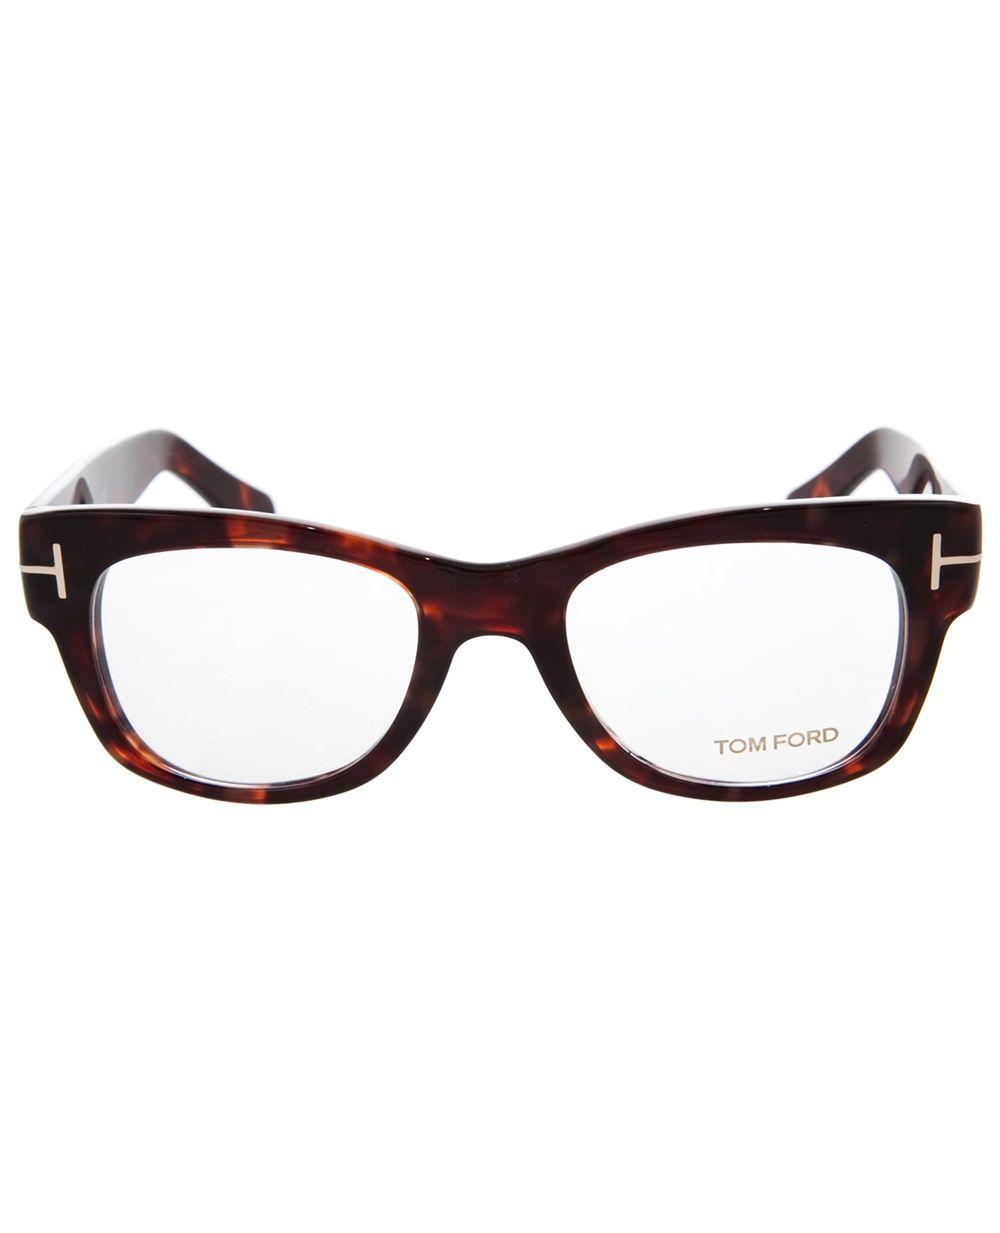 4fa7ceb6416 Tom Ford Tortoiseshell Sunglasses - Mode De Vue - Farfetch.com ...